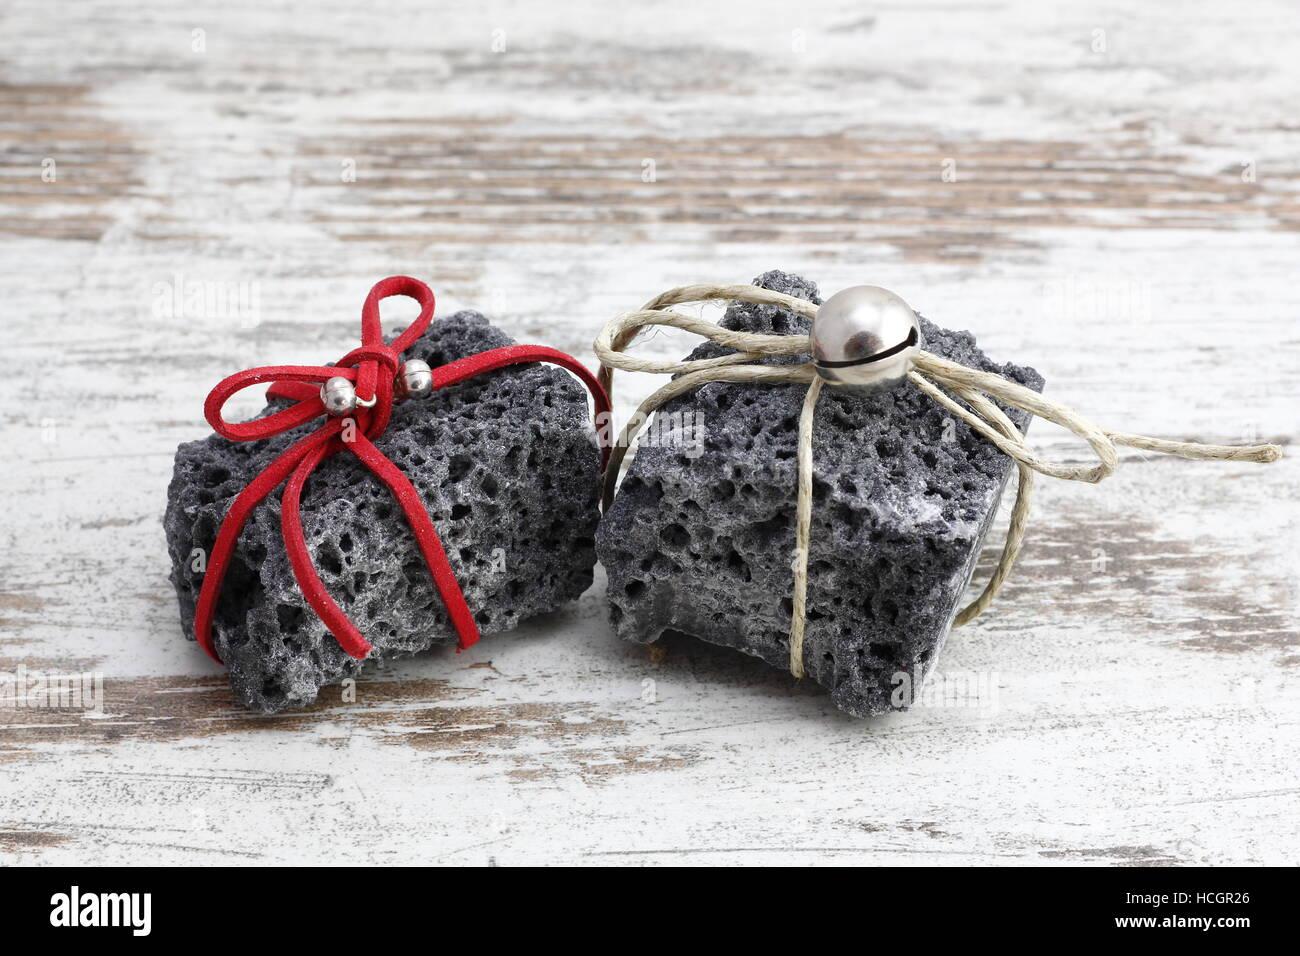 Weihnachten-Kohle mit rot-weißen Band, süßes Geschenk für freche ...